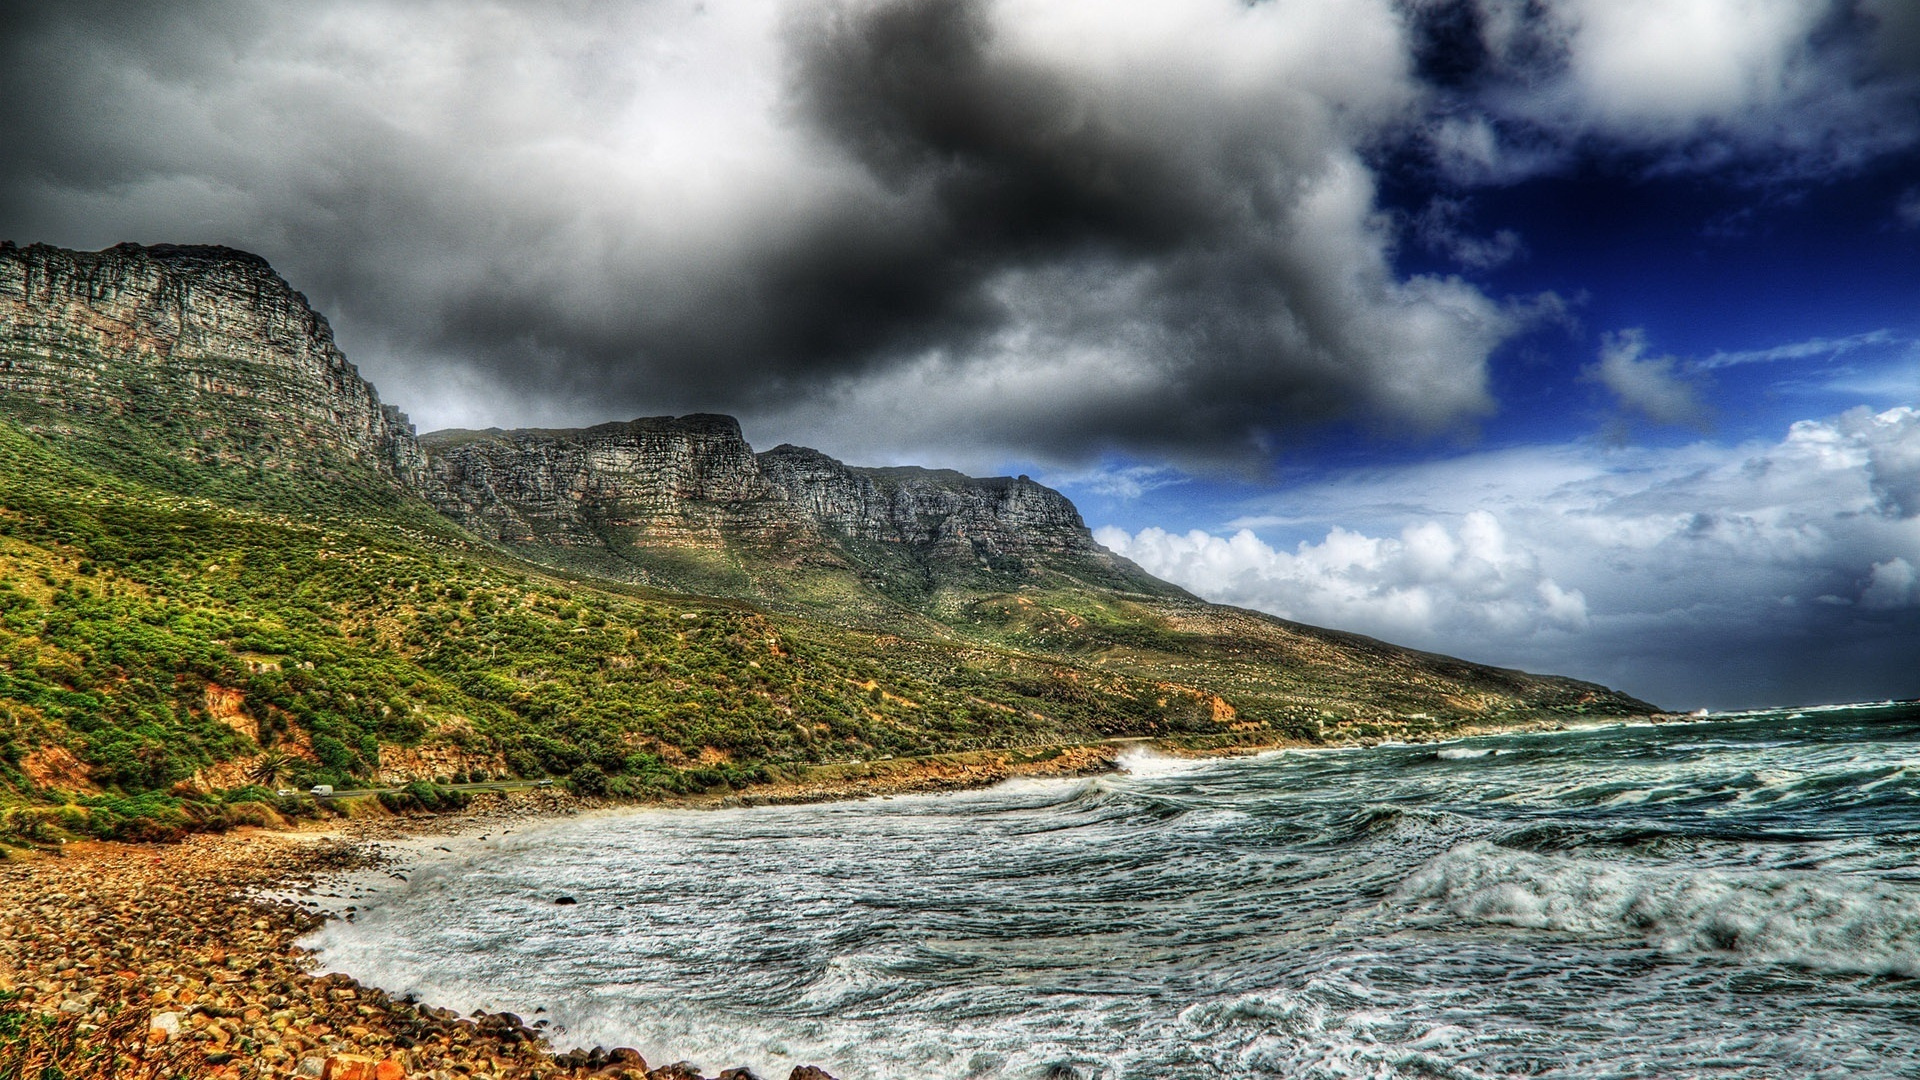 шторм, волны, темные тучи, серые горы, небо, облака